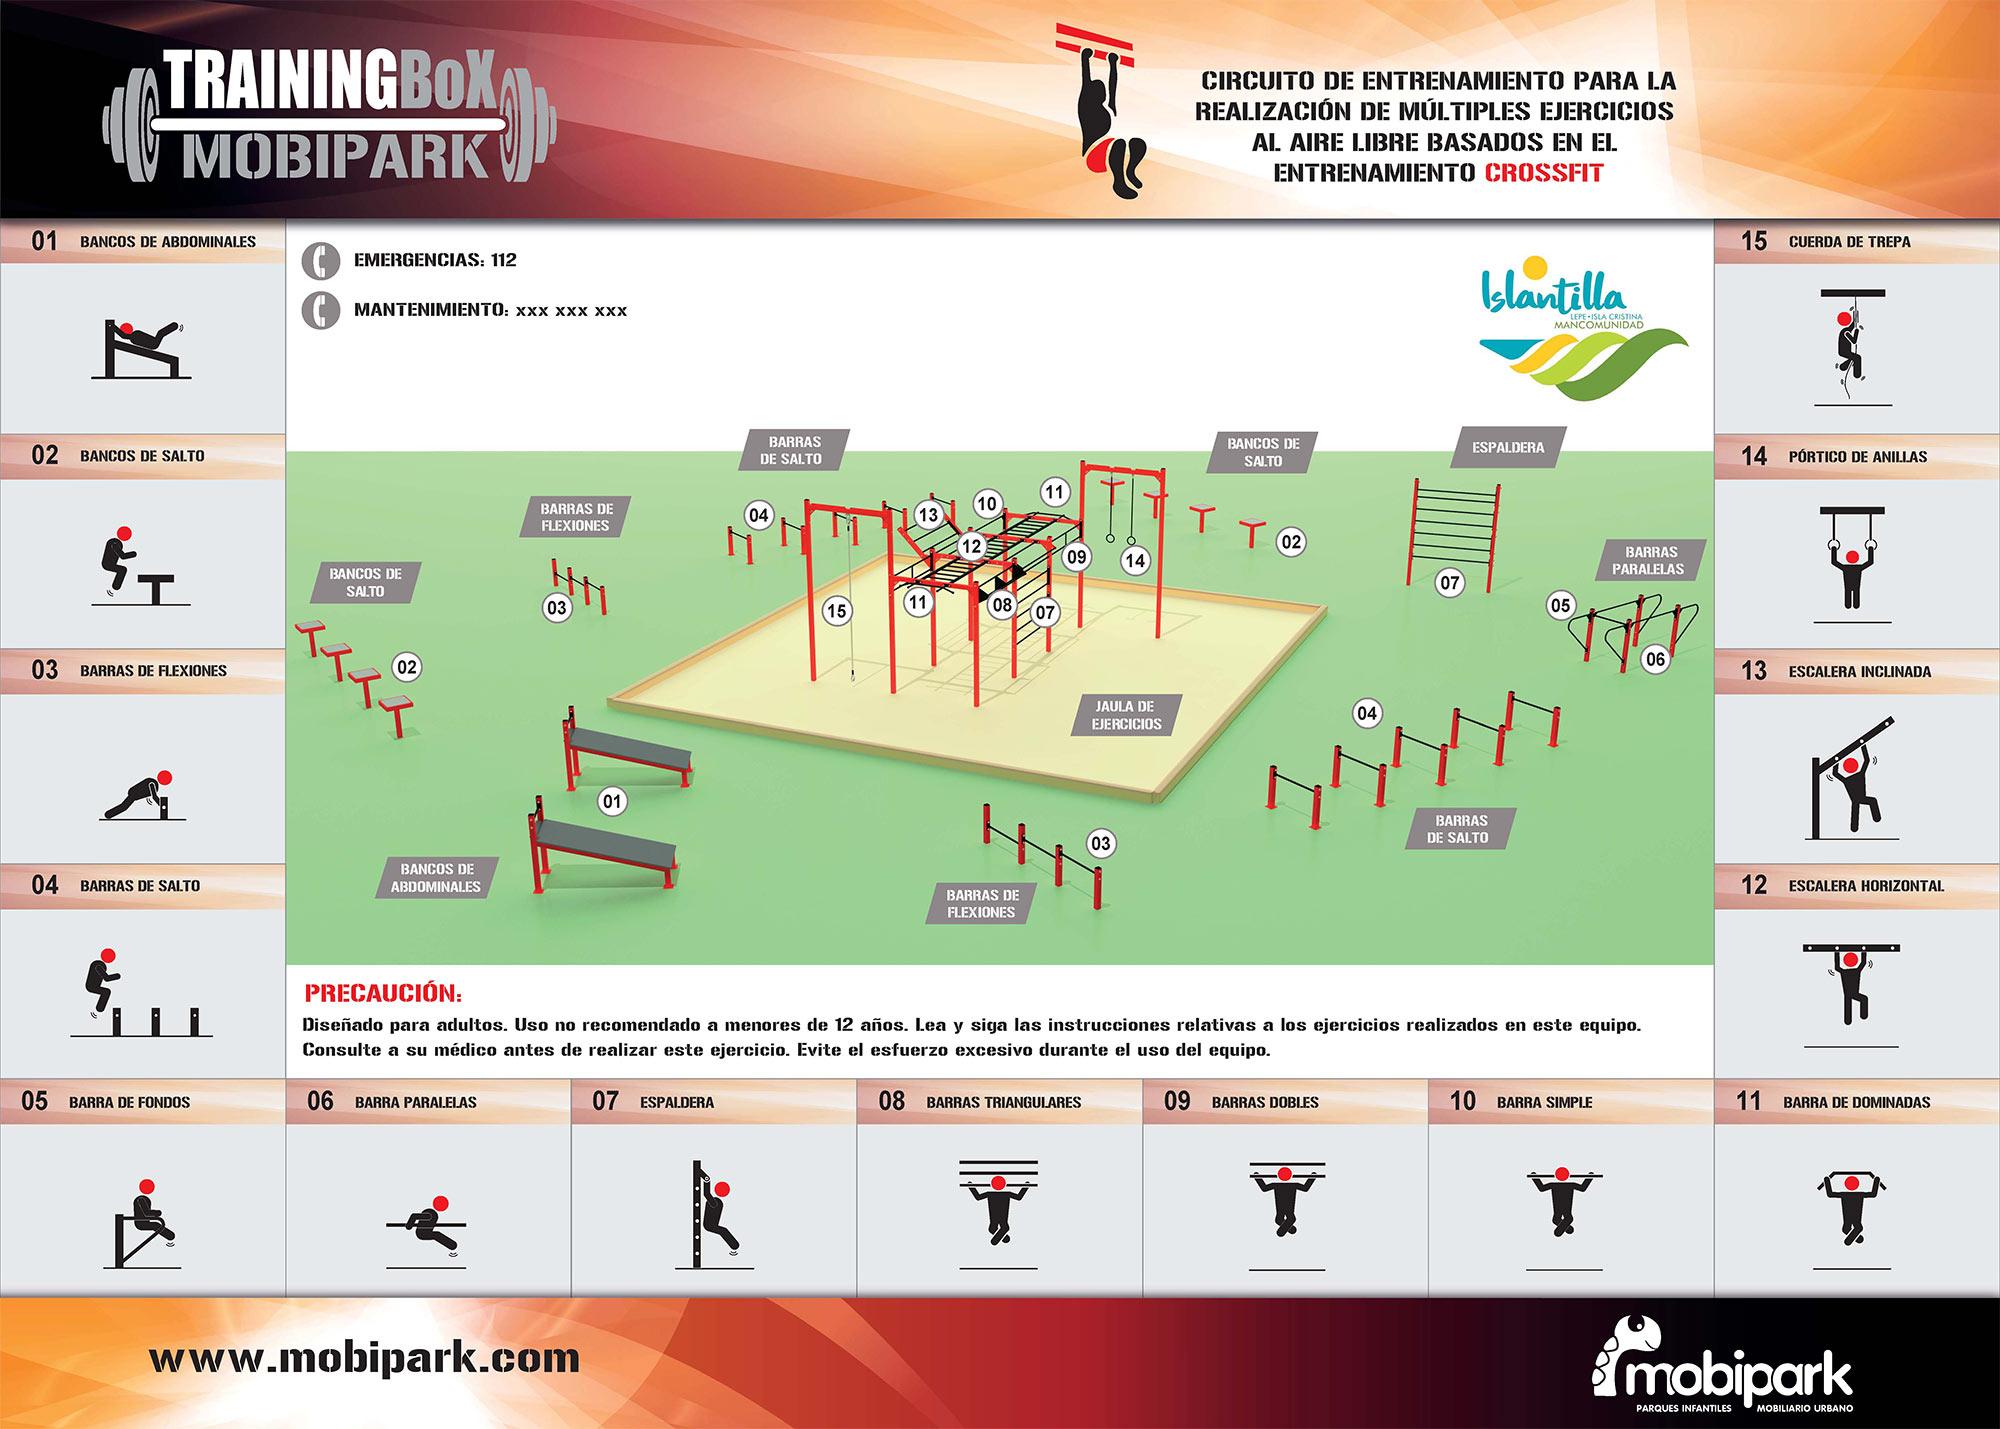 Islantilla estrena un equipamiento de Training Box